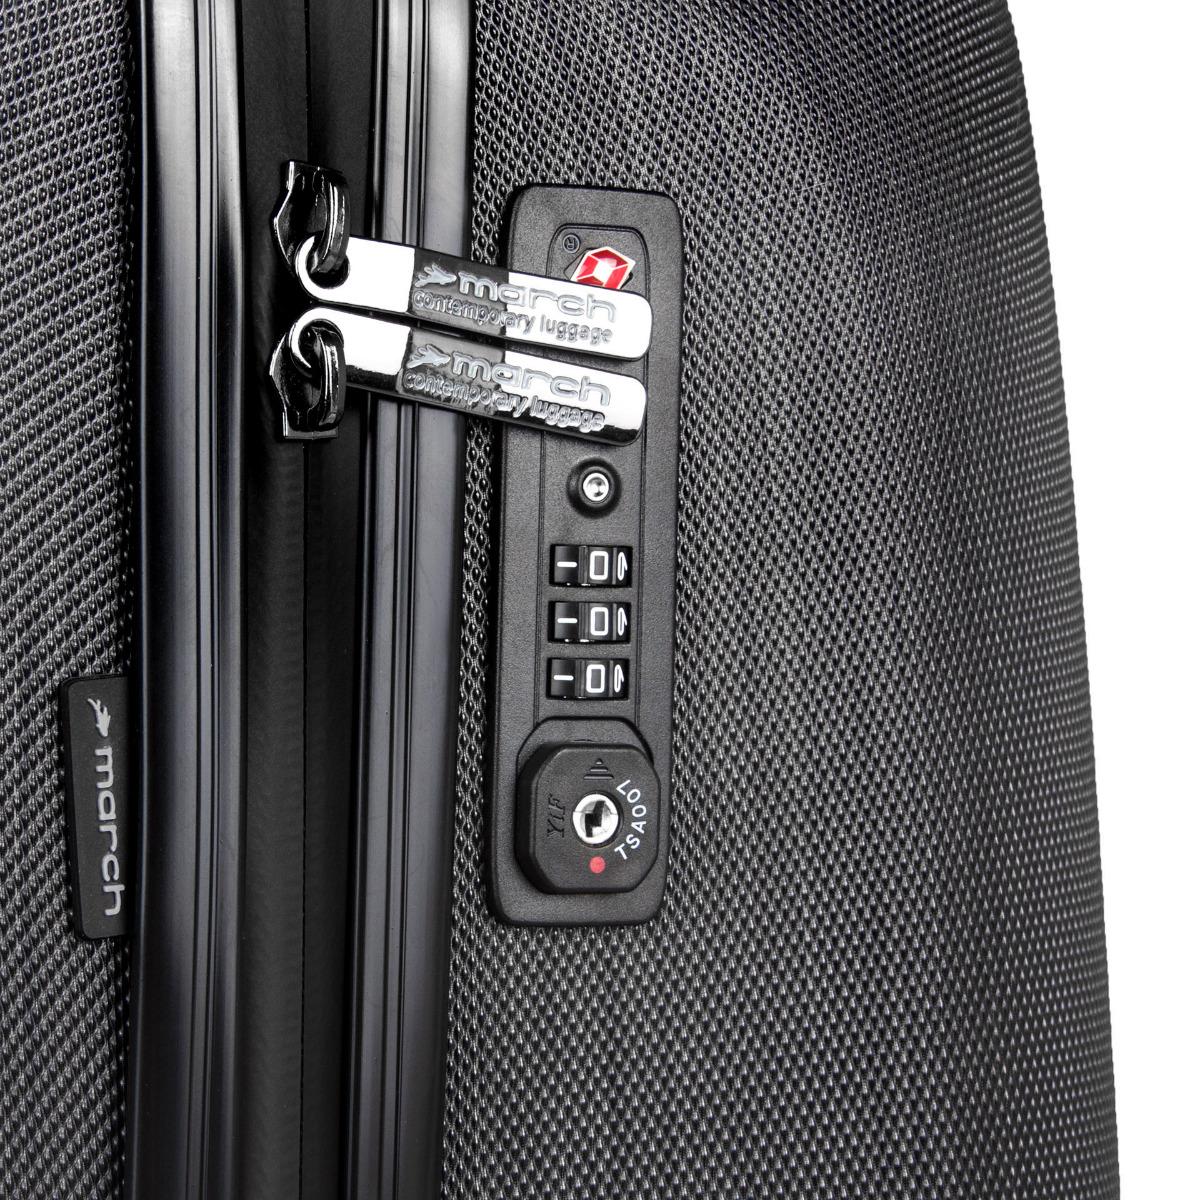 March New Carat SE L Black brushed Cestovanie je hračka, keď zvolíte tých správnych pomocníkov.    odľahčený pojazdný systém štyroch dvoukoleček otočných v 360 °    hliníková výsuvná rukoväť s aretačným tlačidlom    vodeodolné zipsy    TSA zámok umožňujúce bezpečné uzamknutie kufra    dvojstranne riešený interiér s vreckom na zips    diamantová povrchová úprava znižujúci riziko oderu a poškriabaniu    päťročná záruka